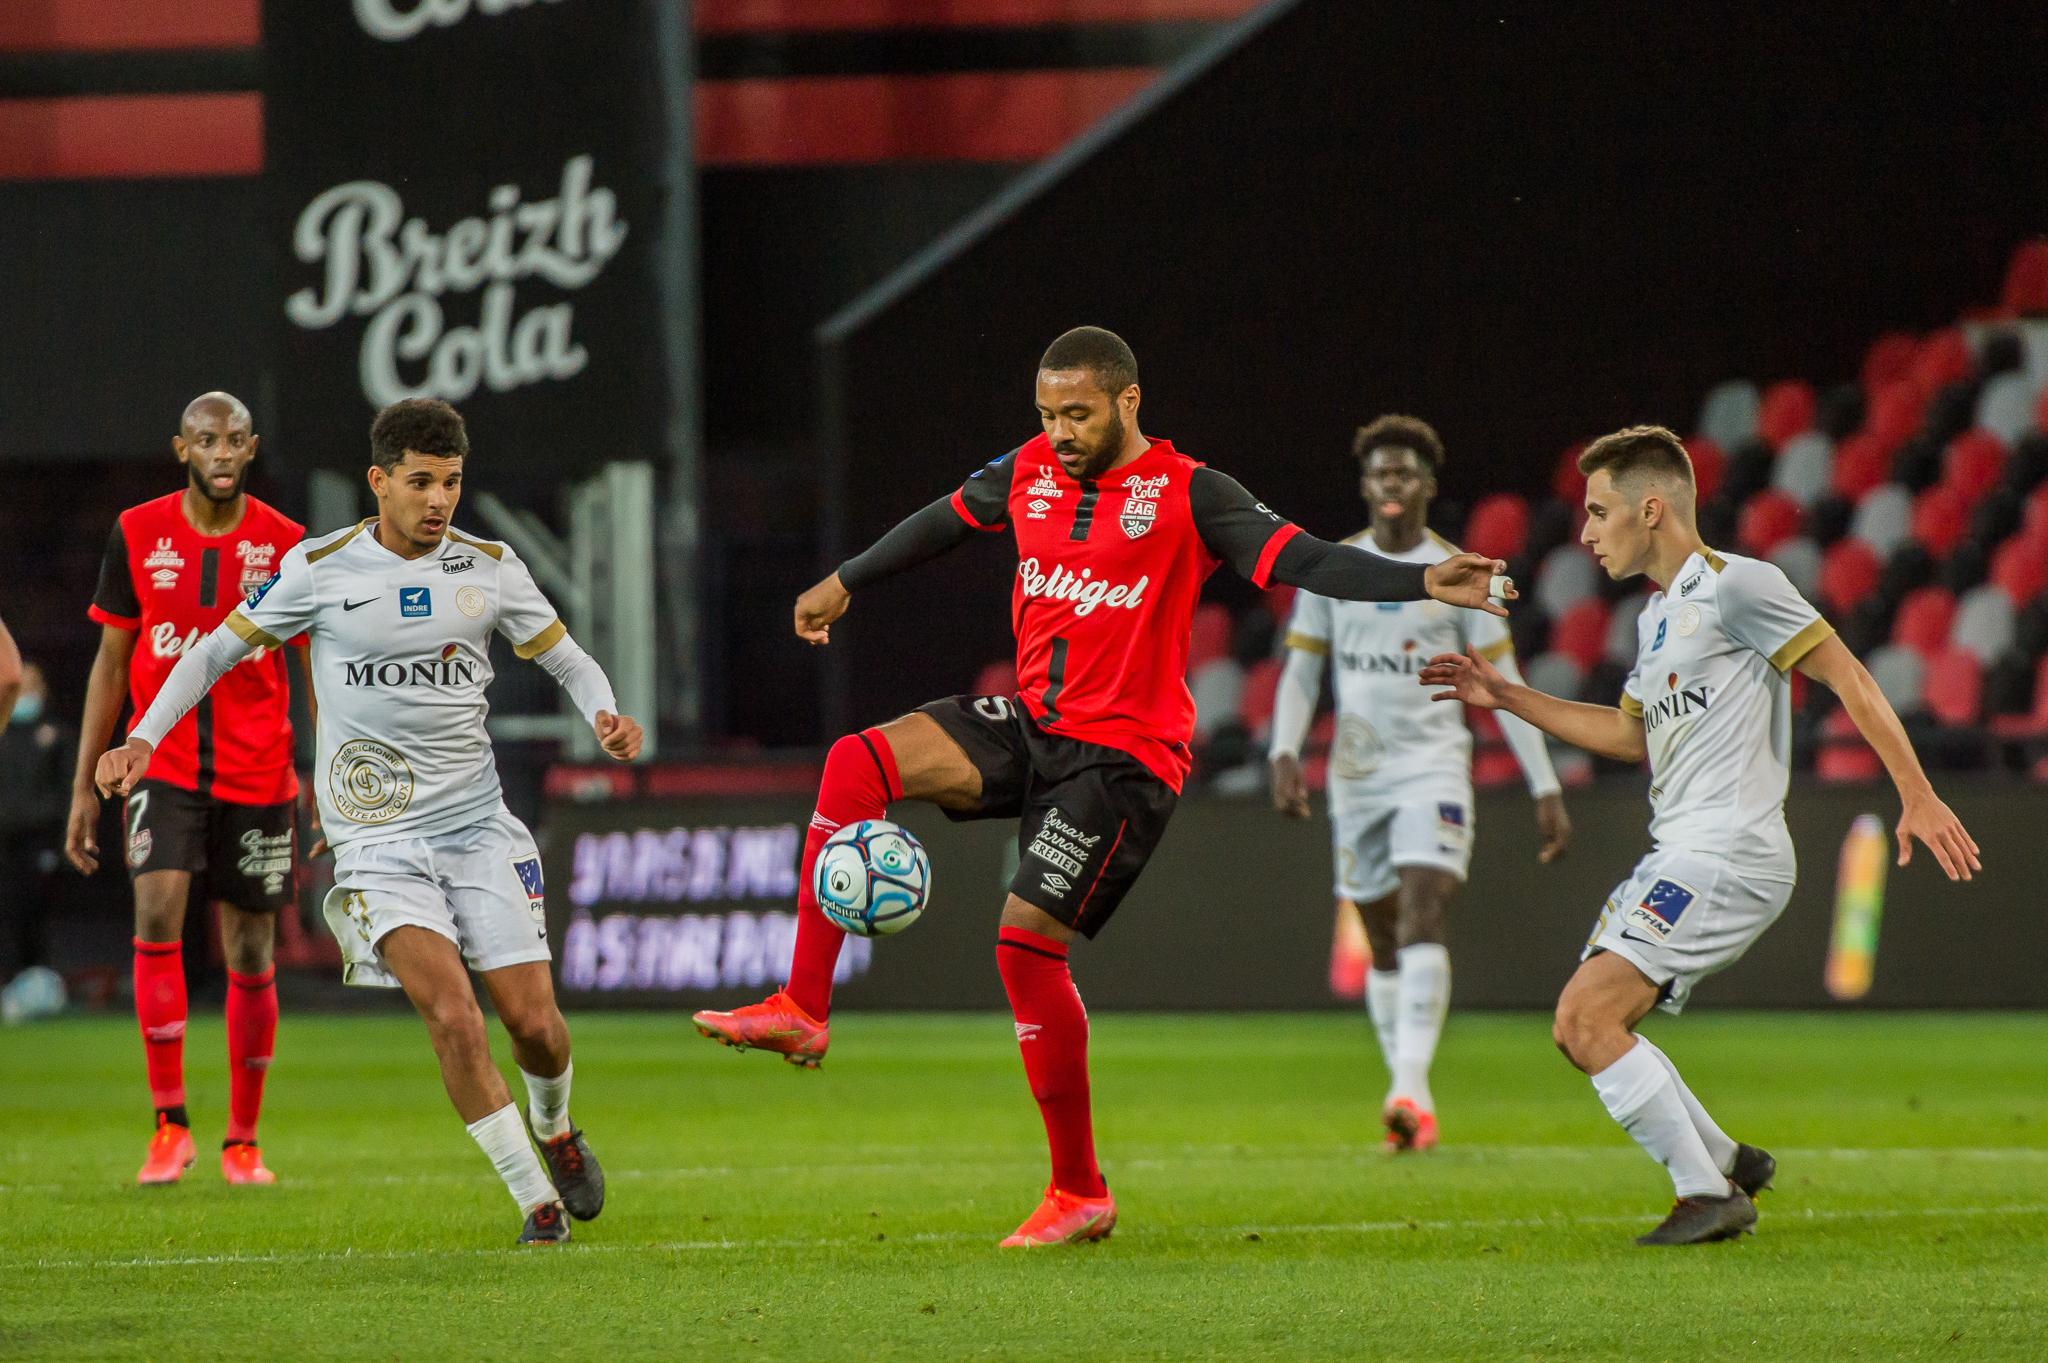 EA Guingamp La Berrichonne Châteauroux J37 Ligue 2 BKT EAGLBC 2-0 Stade de Roudourou FRA_5886